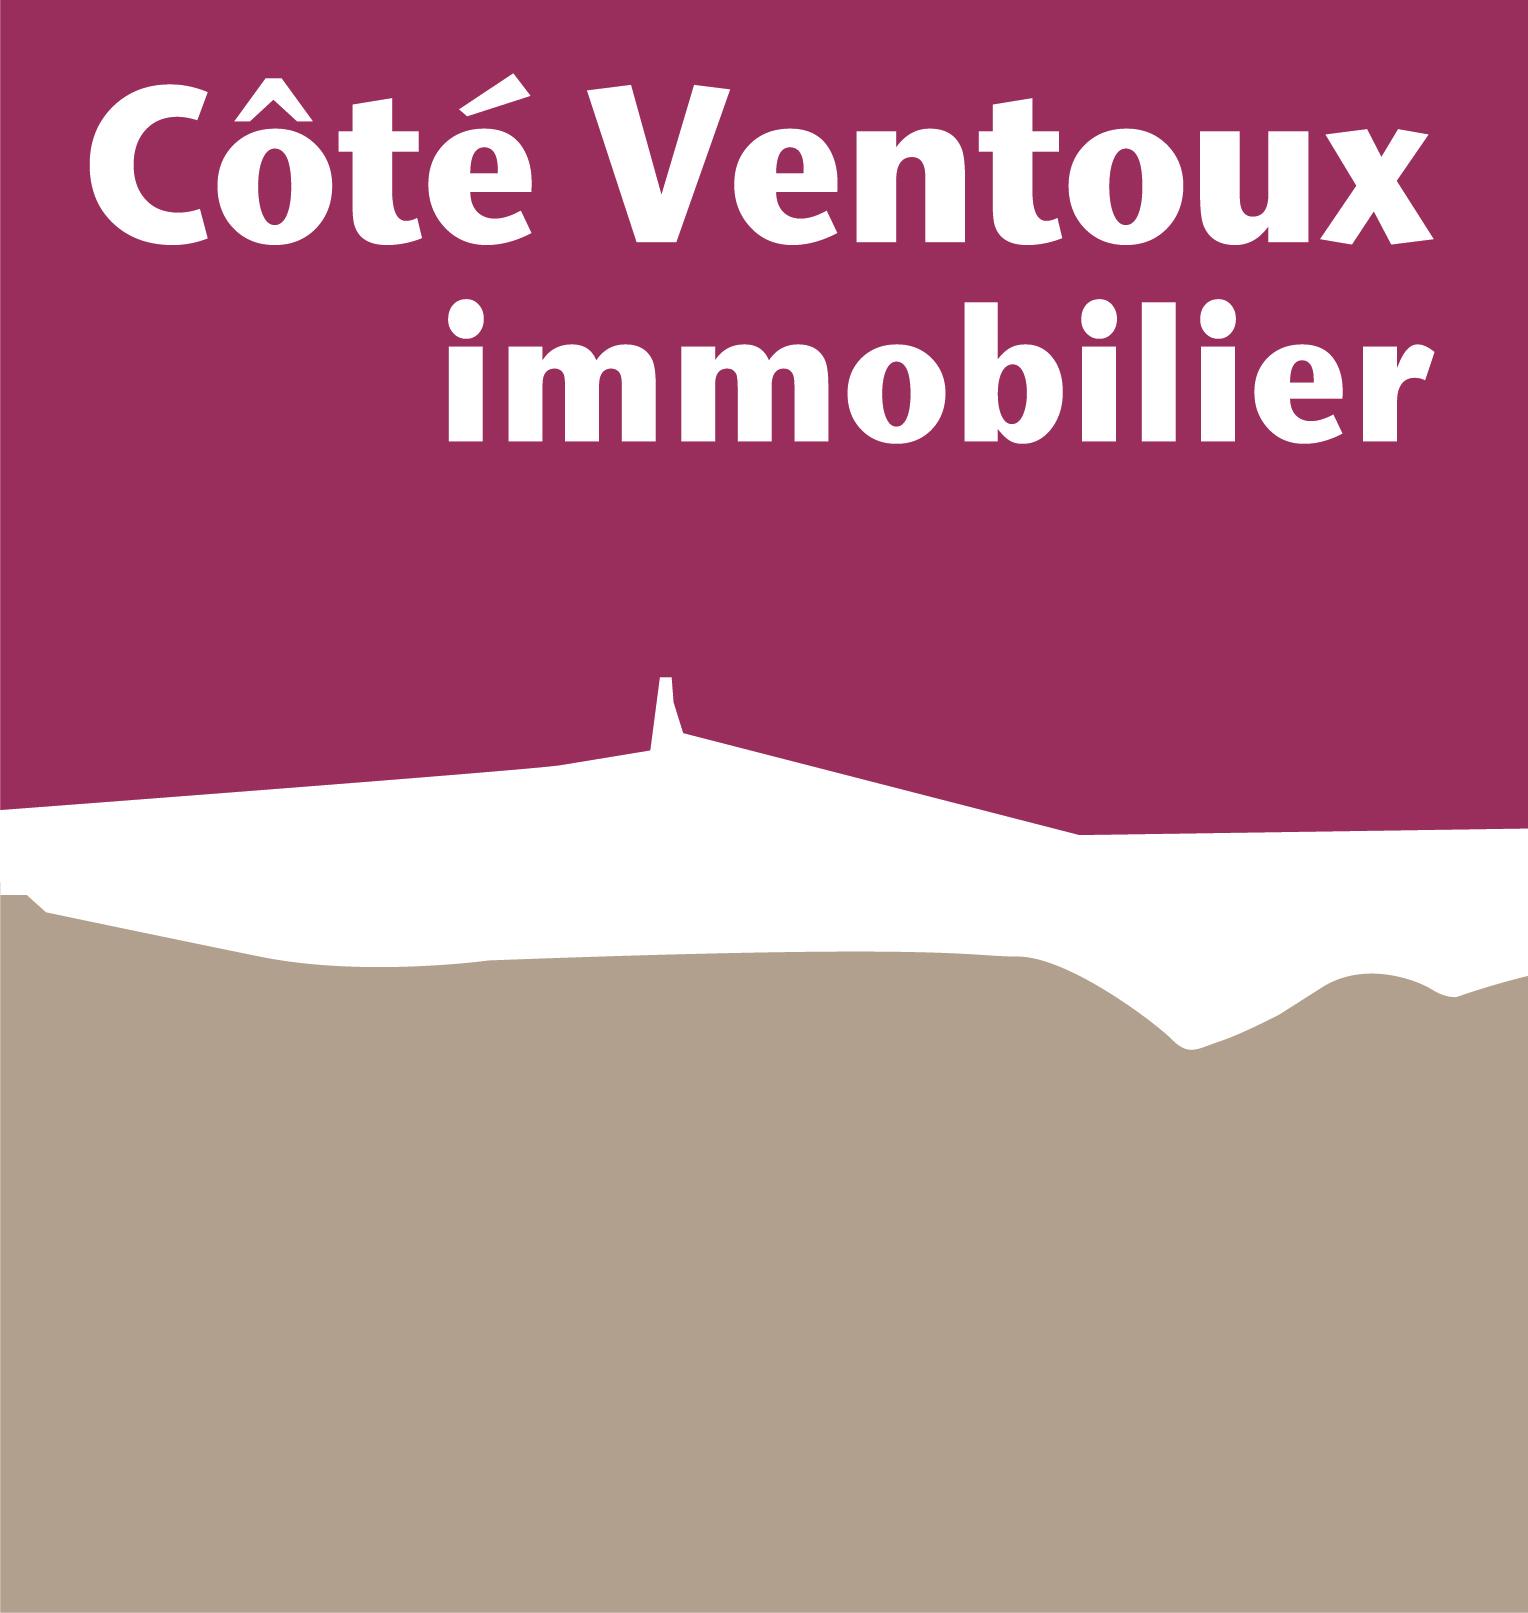 Coté Ventoux Immobilier agence immobilière Aubignan 84810